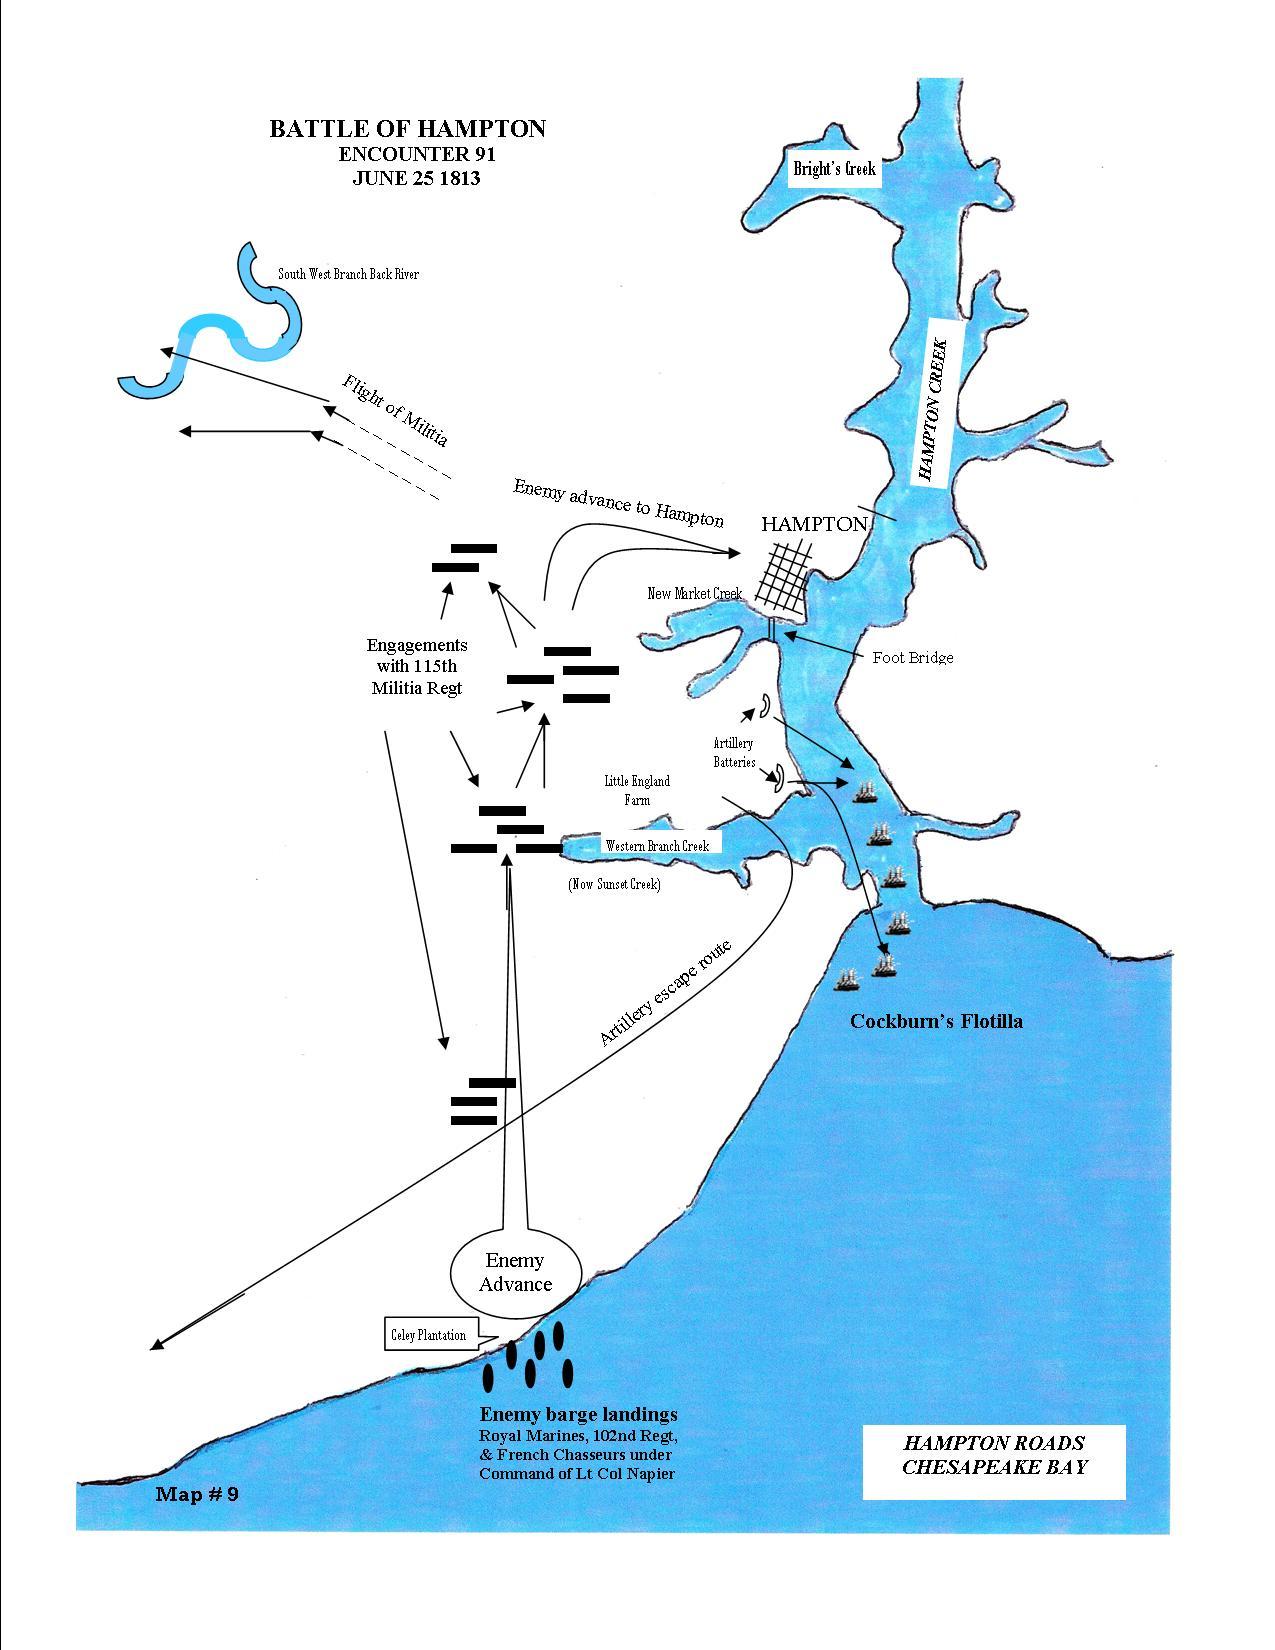 Map 9